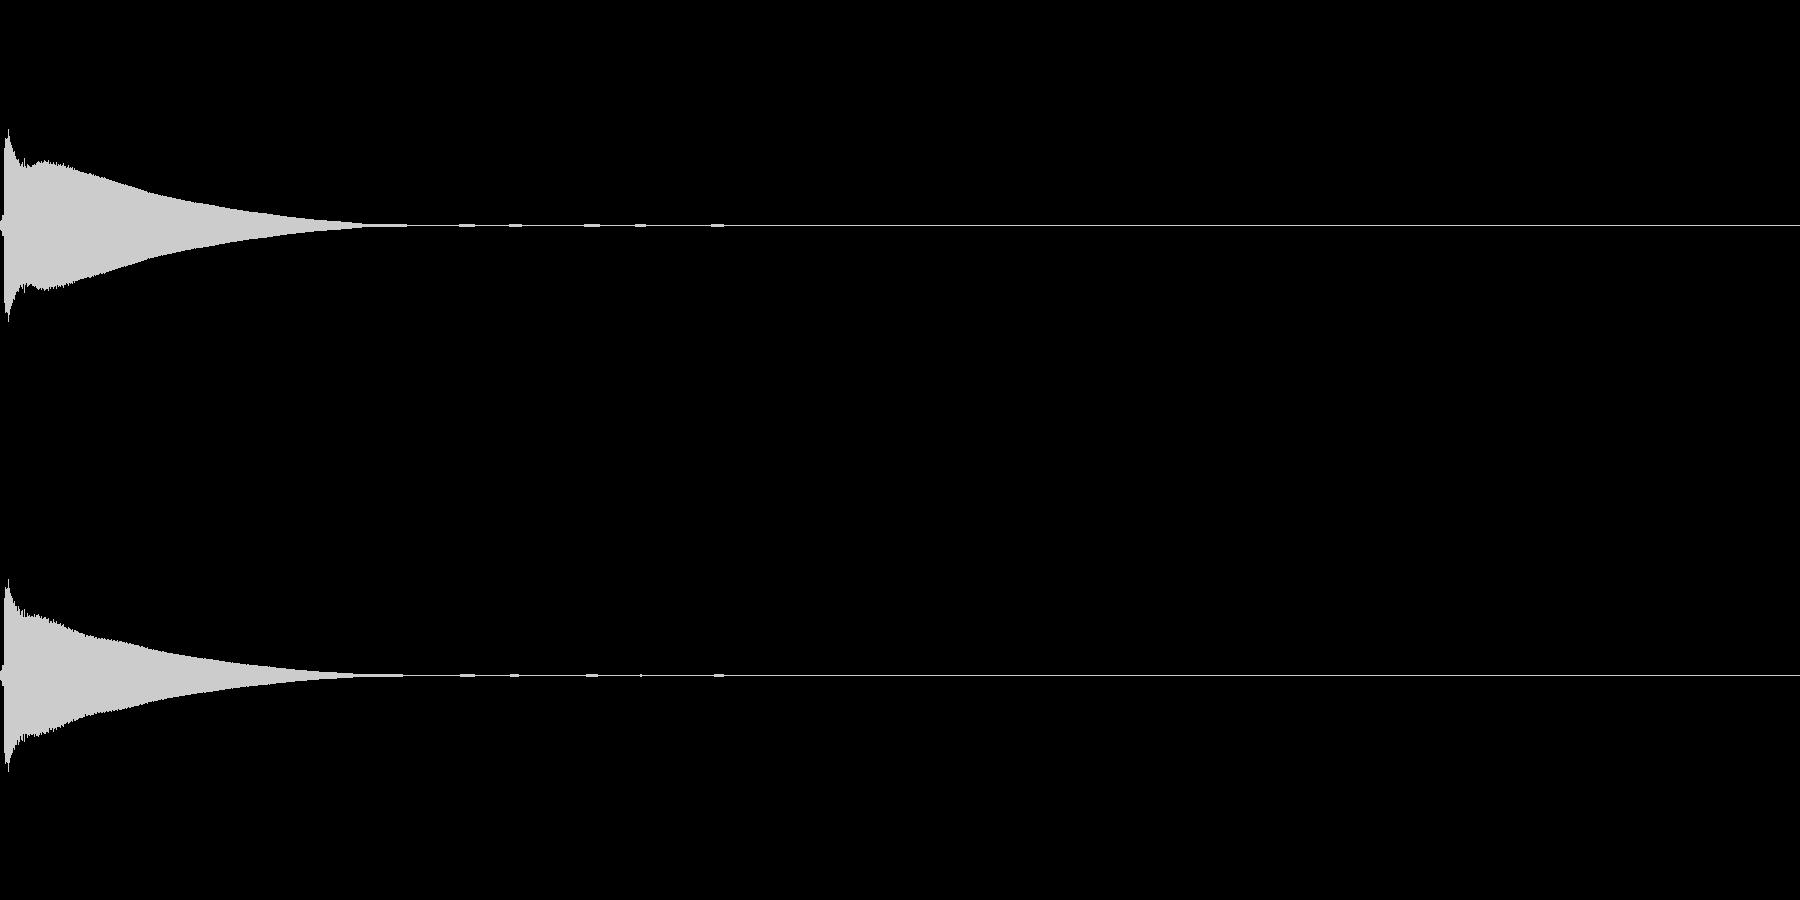 【ひらめき01-1】の未再生の波形